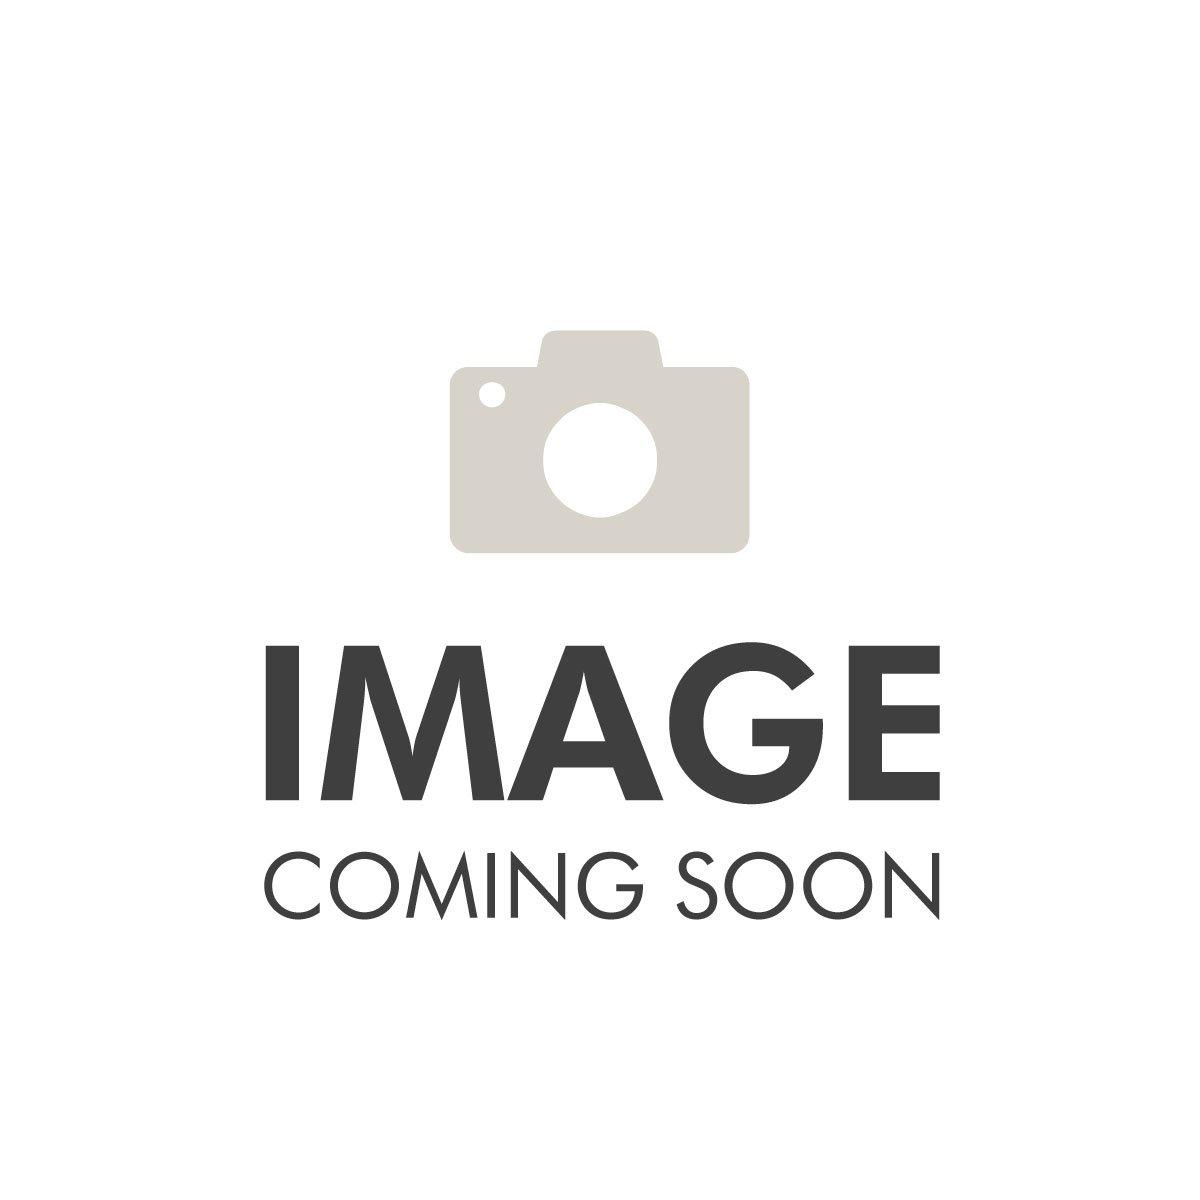 Negrini - Coussin de fleuret/sabre électrique - Néoprène